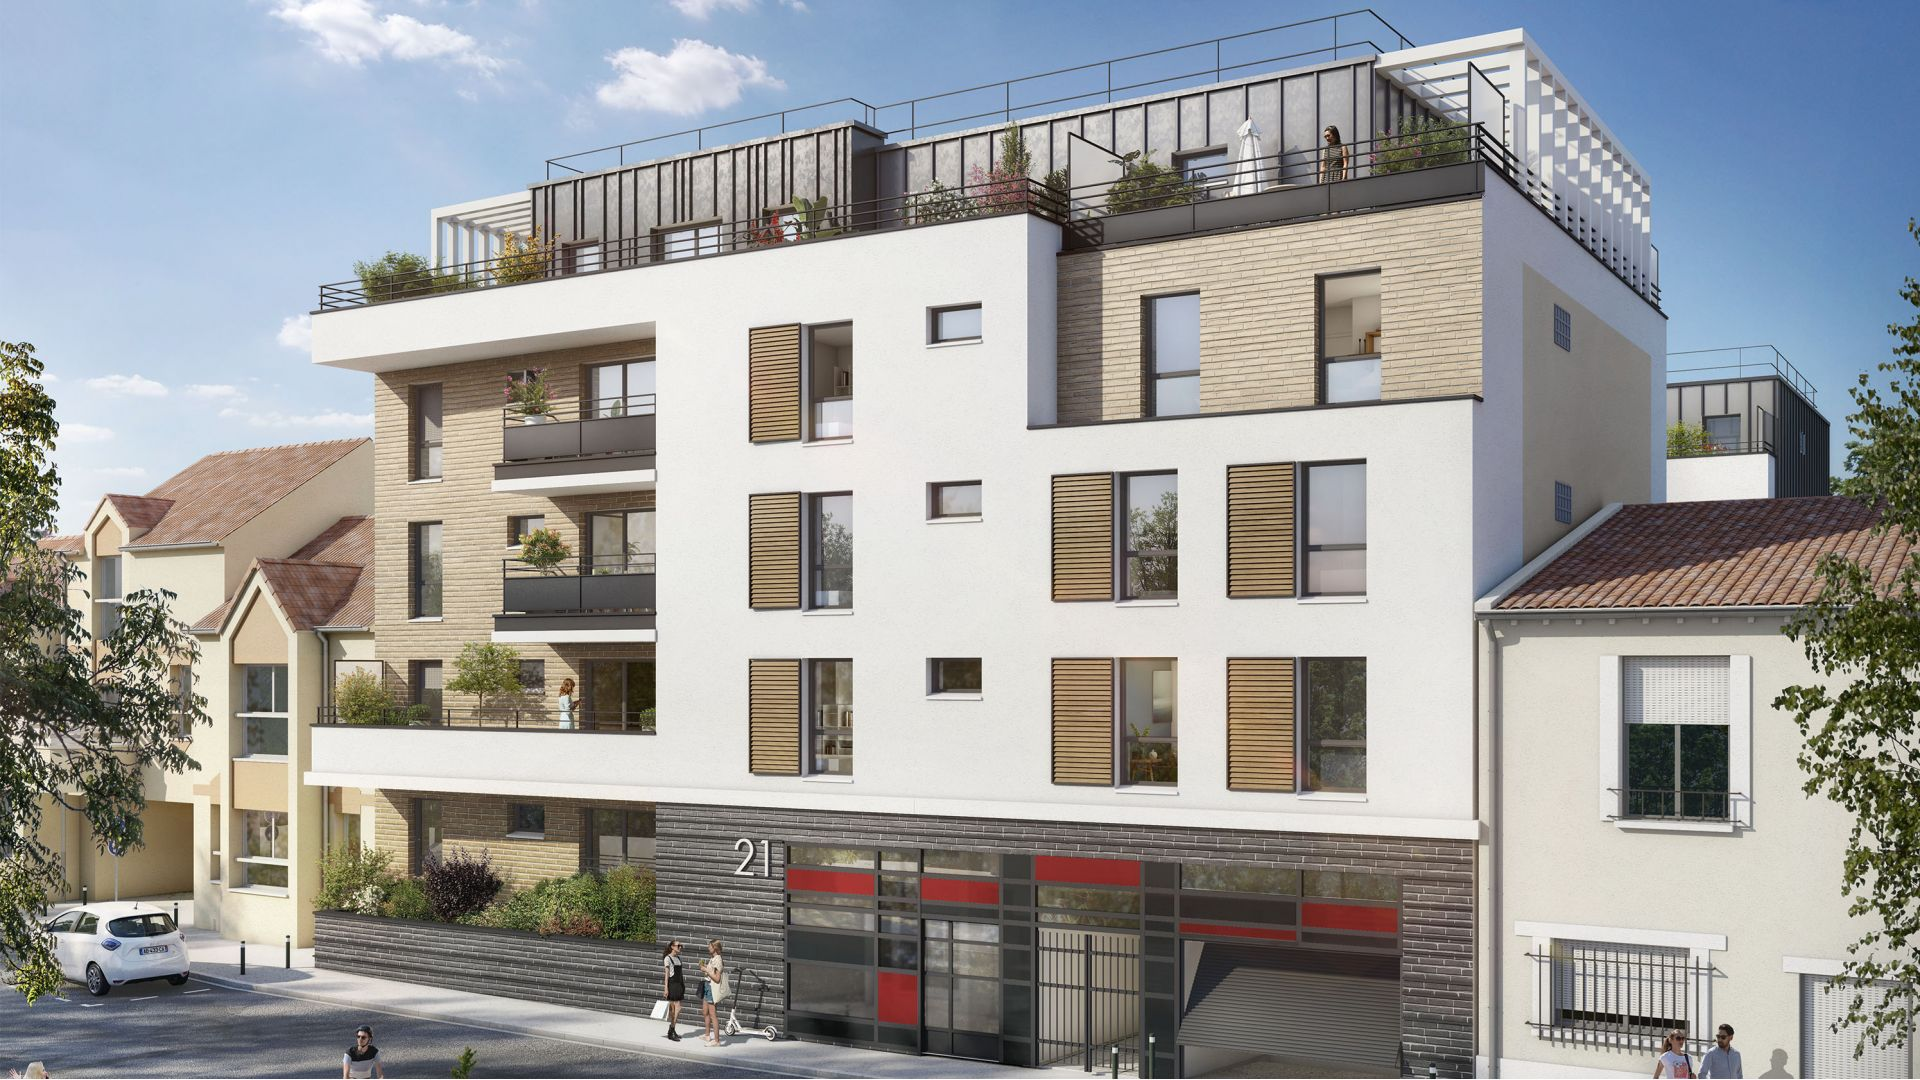 Greencity Immobilier - Résidence Le Régent - achat appartements du T1au T4 - Bagnolet 93170